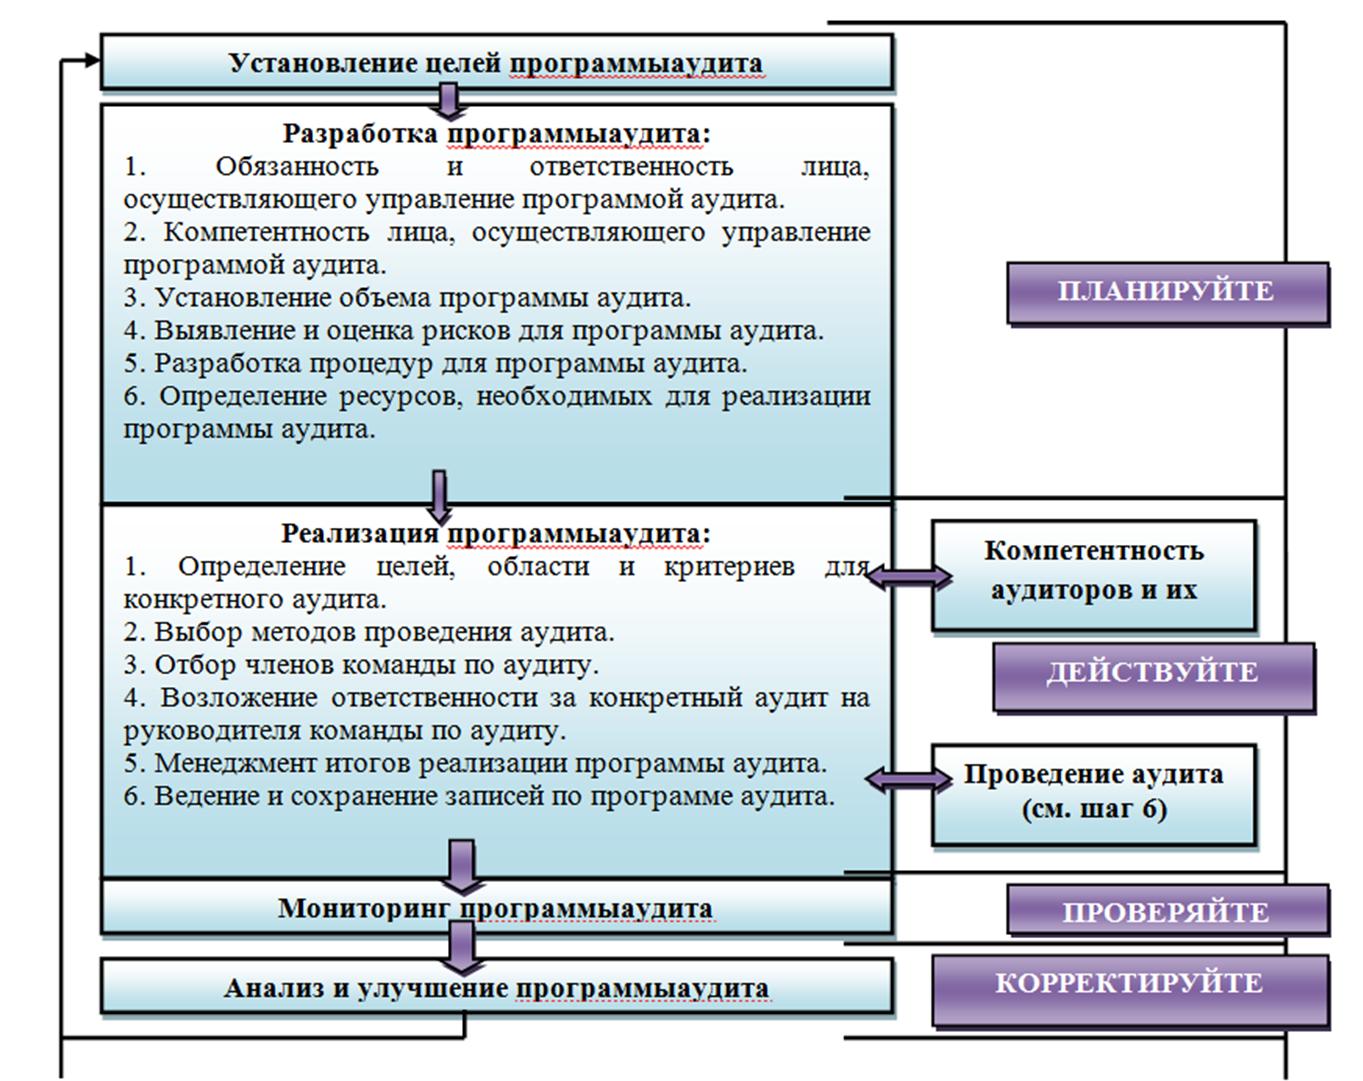 Методические рекомендации заполнения протокола несоответствия смк исо 9001-2008 потоковая сертификация